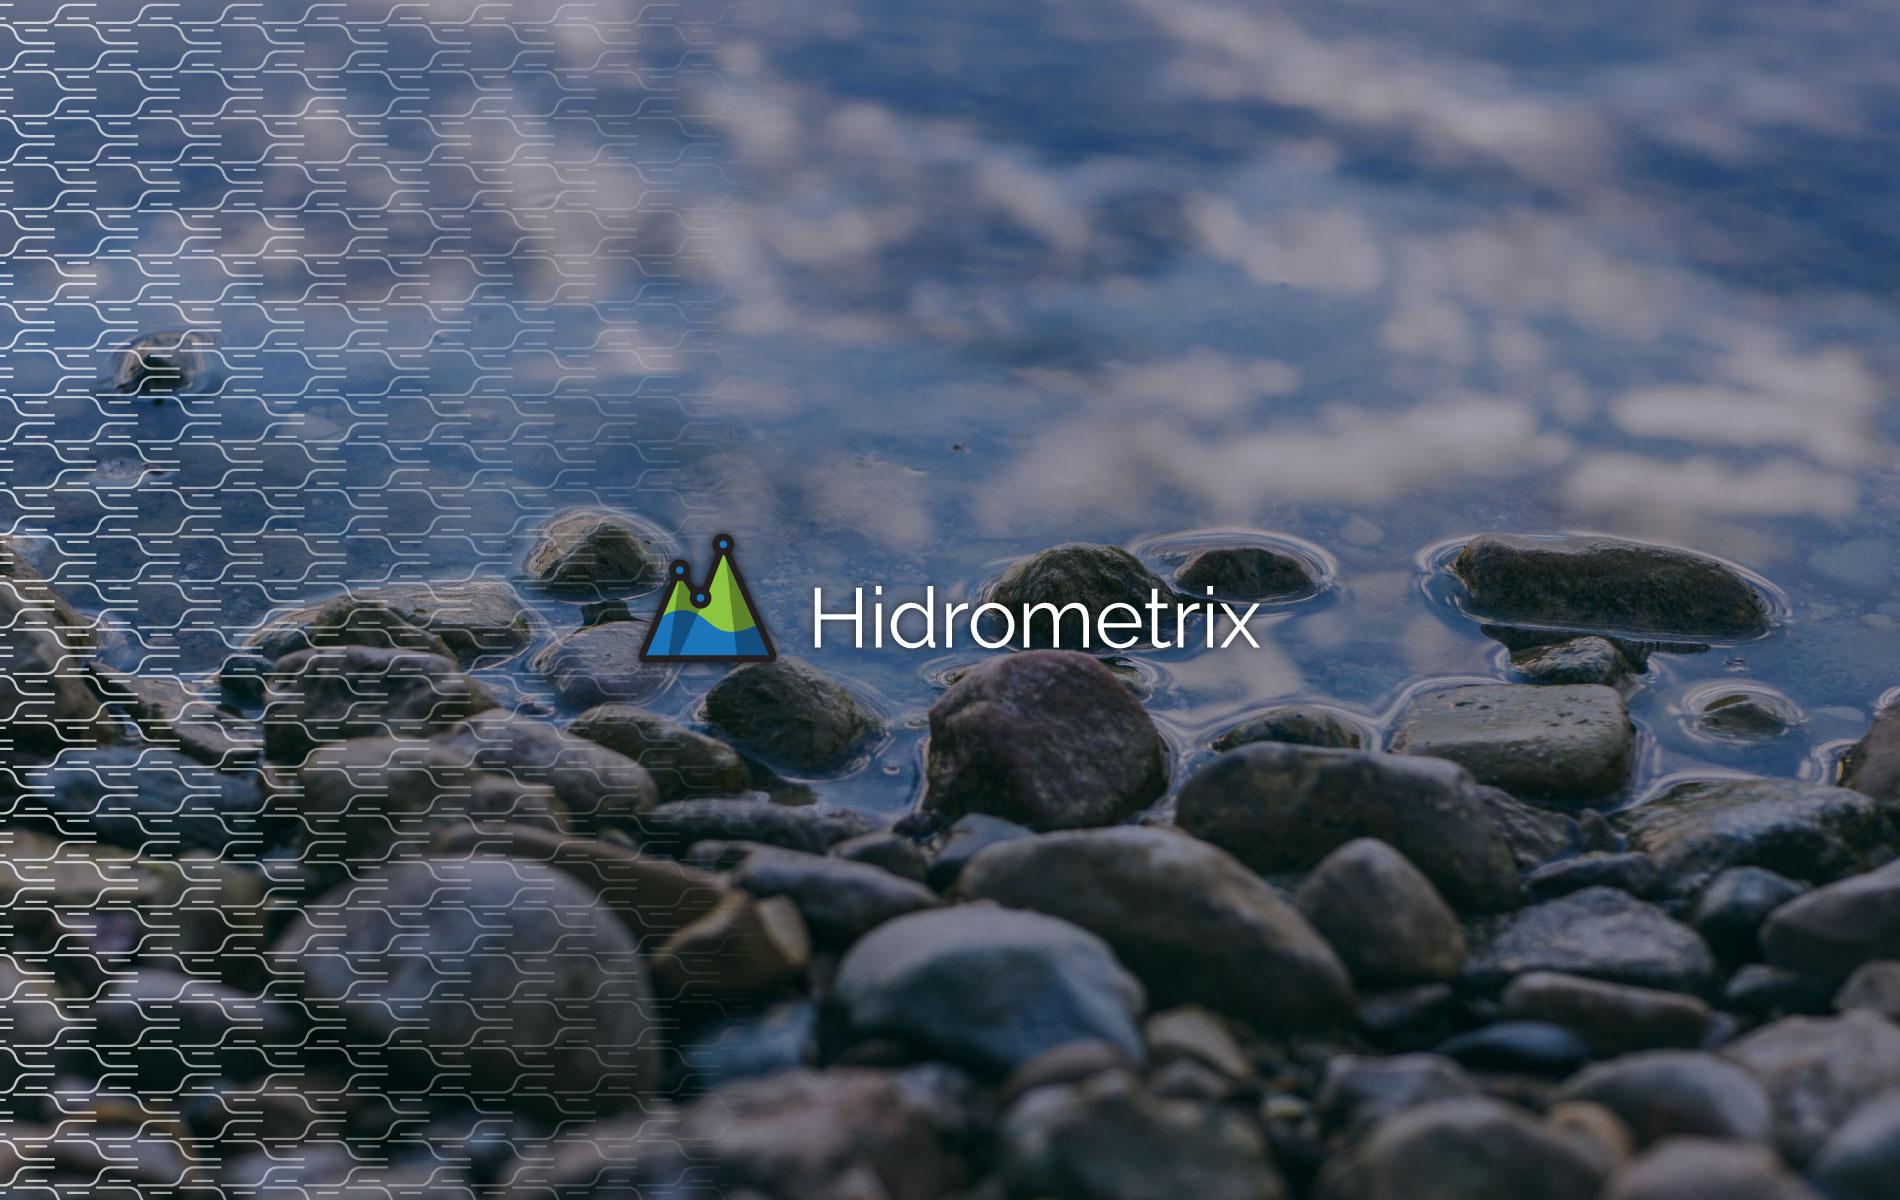 hidrometrix.jpg